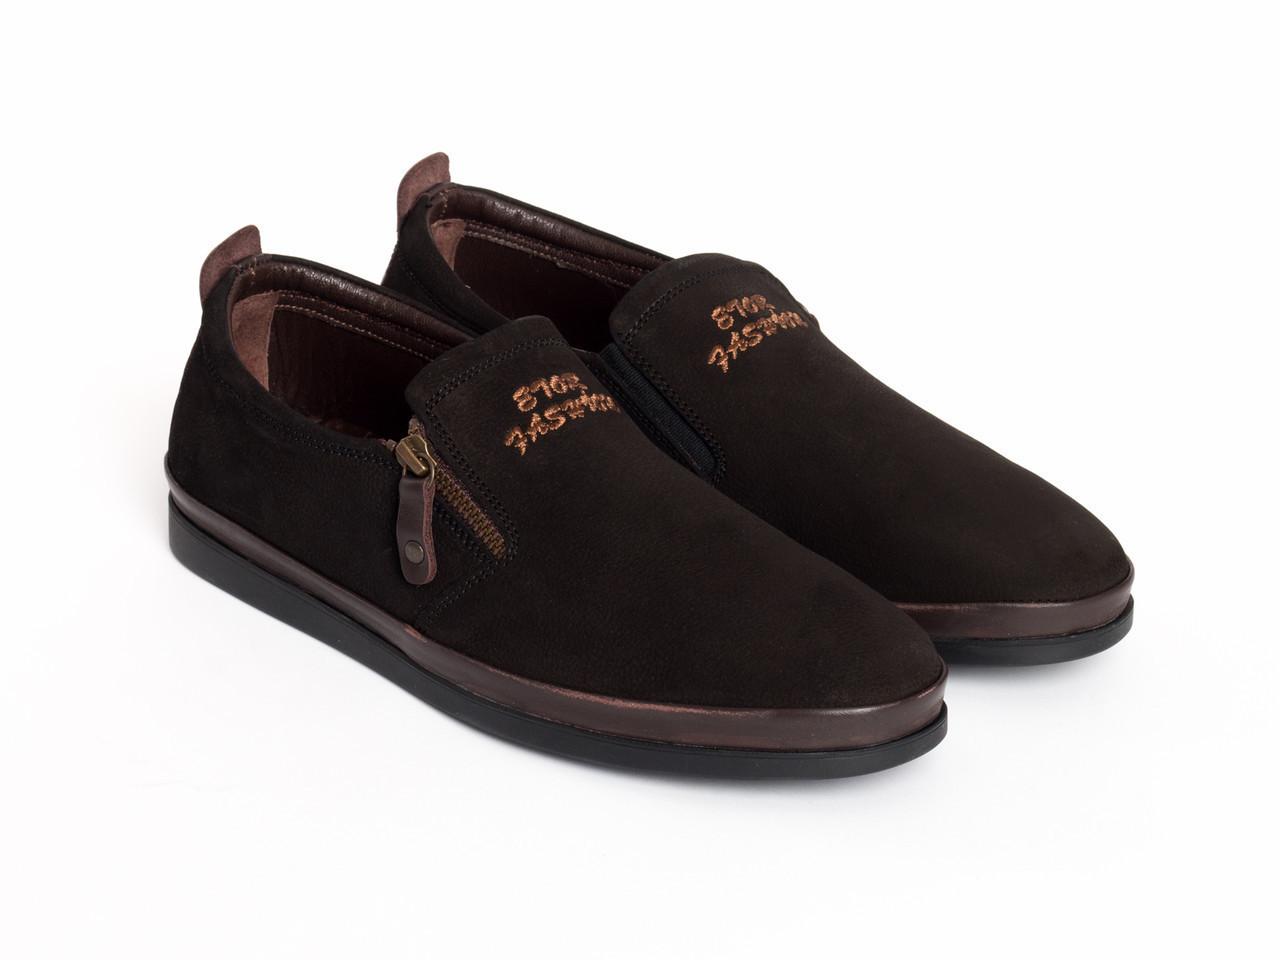 Туфли Etor 14911-7426 45 черные